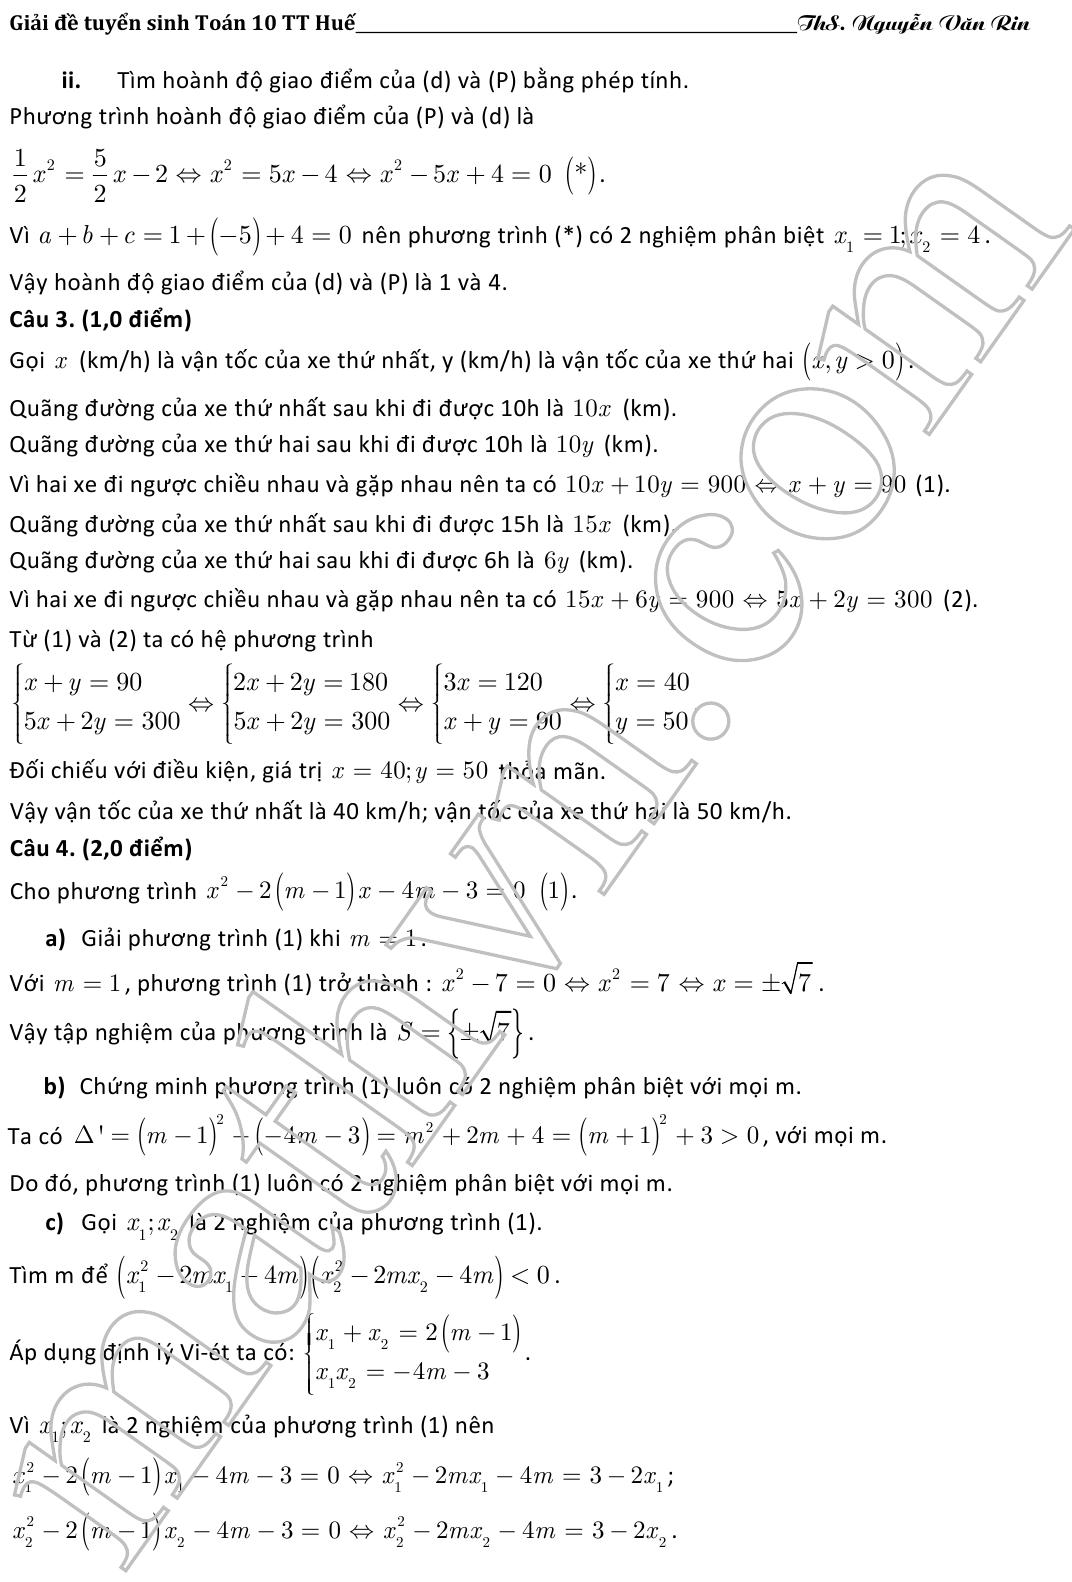 đáp án đề thi môn toán vào lớp 10 thừa thiên huế 2016-2017